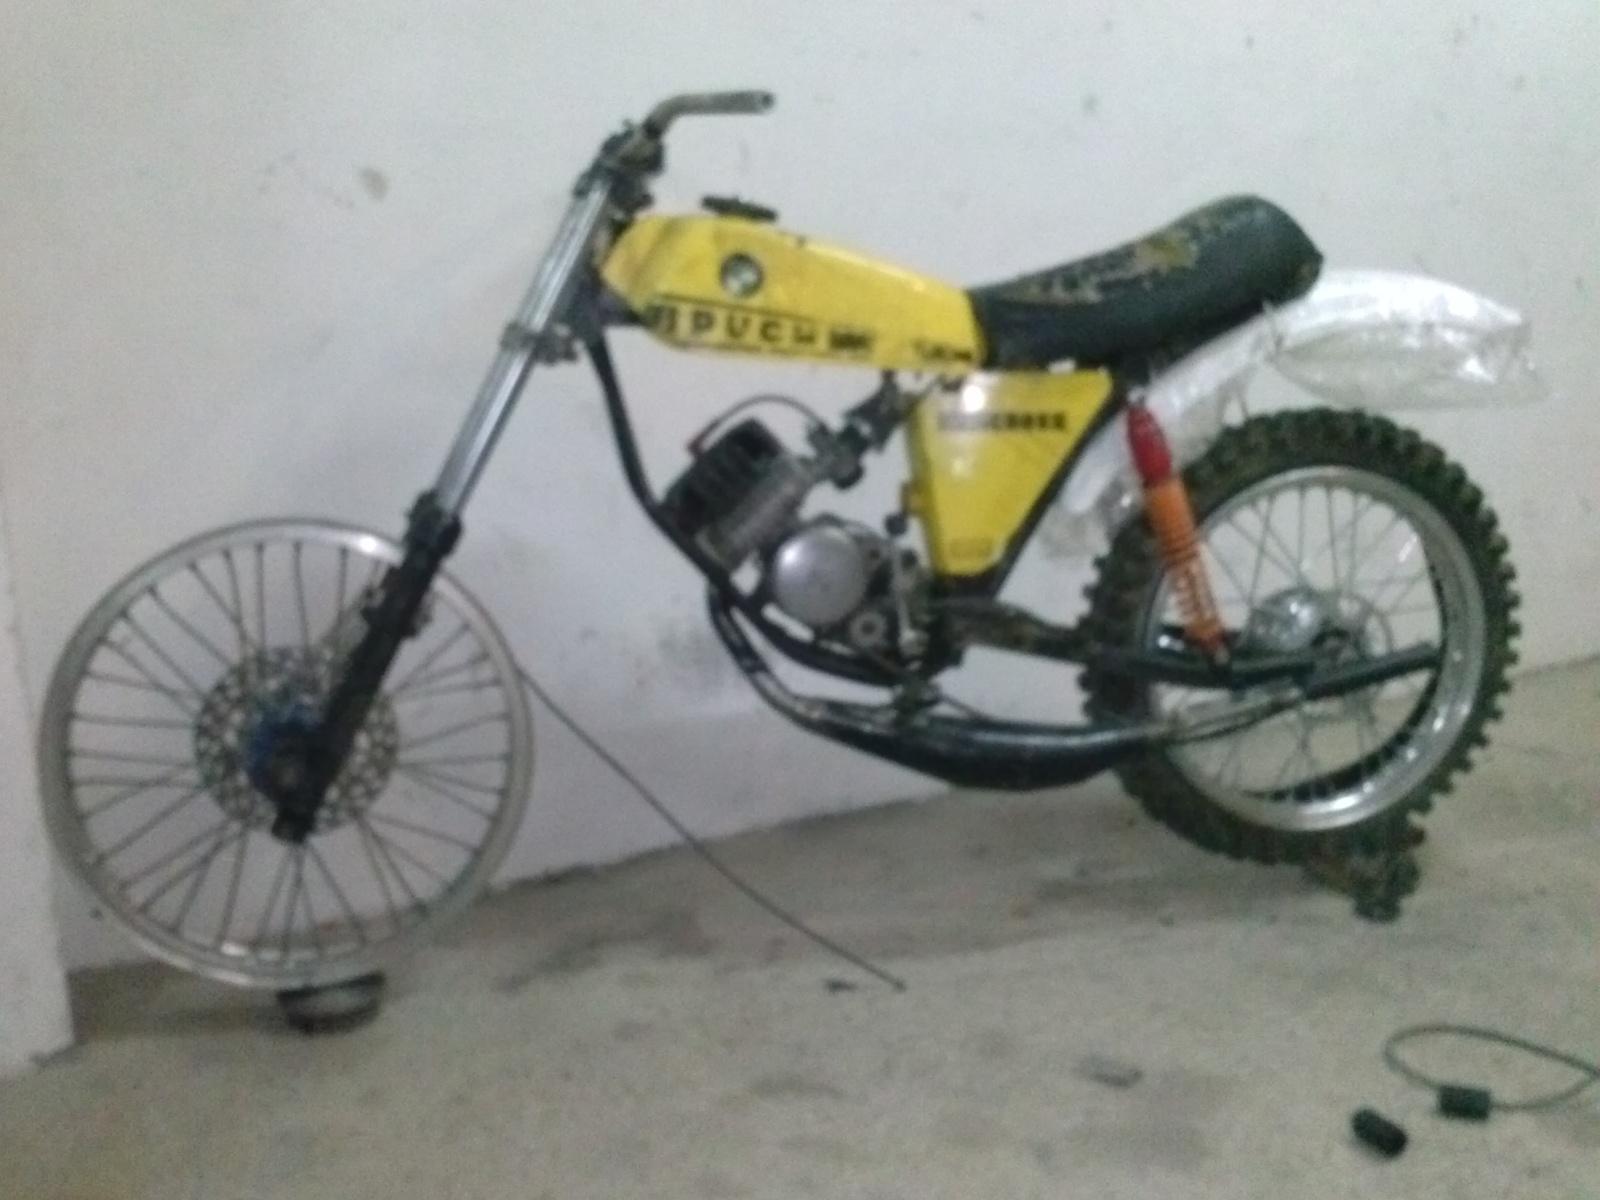 Puch Minicross Super con preparacion Cobra 2ufehsh